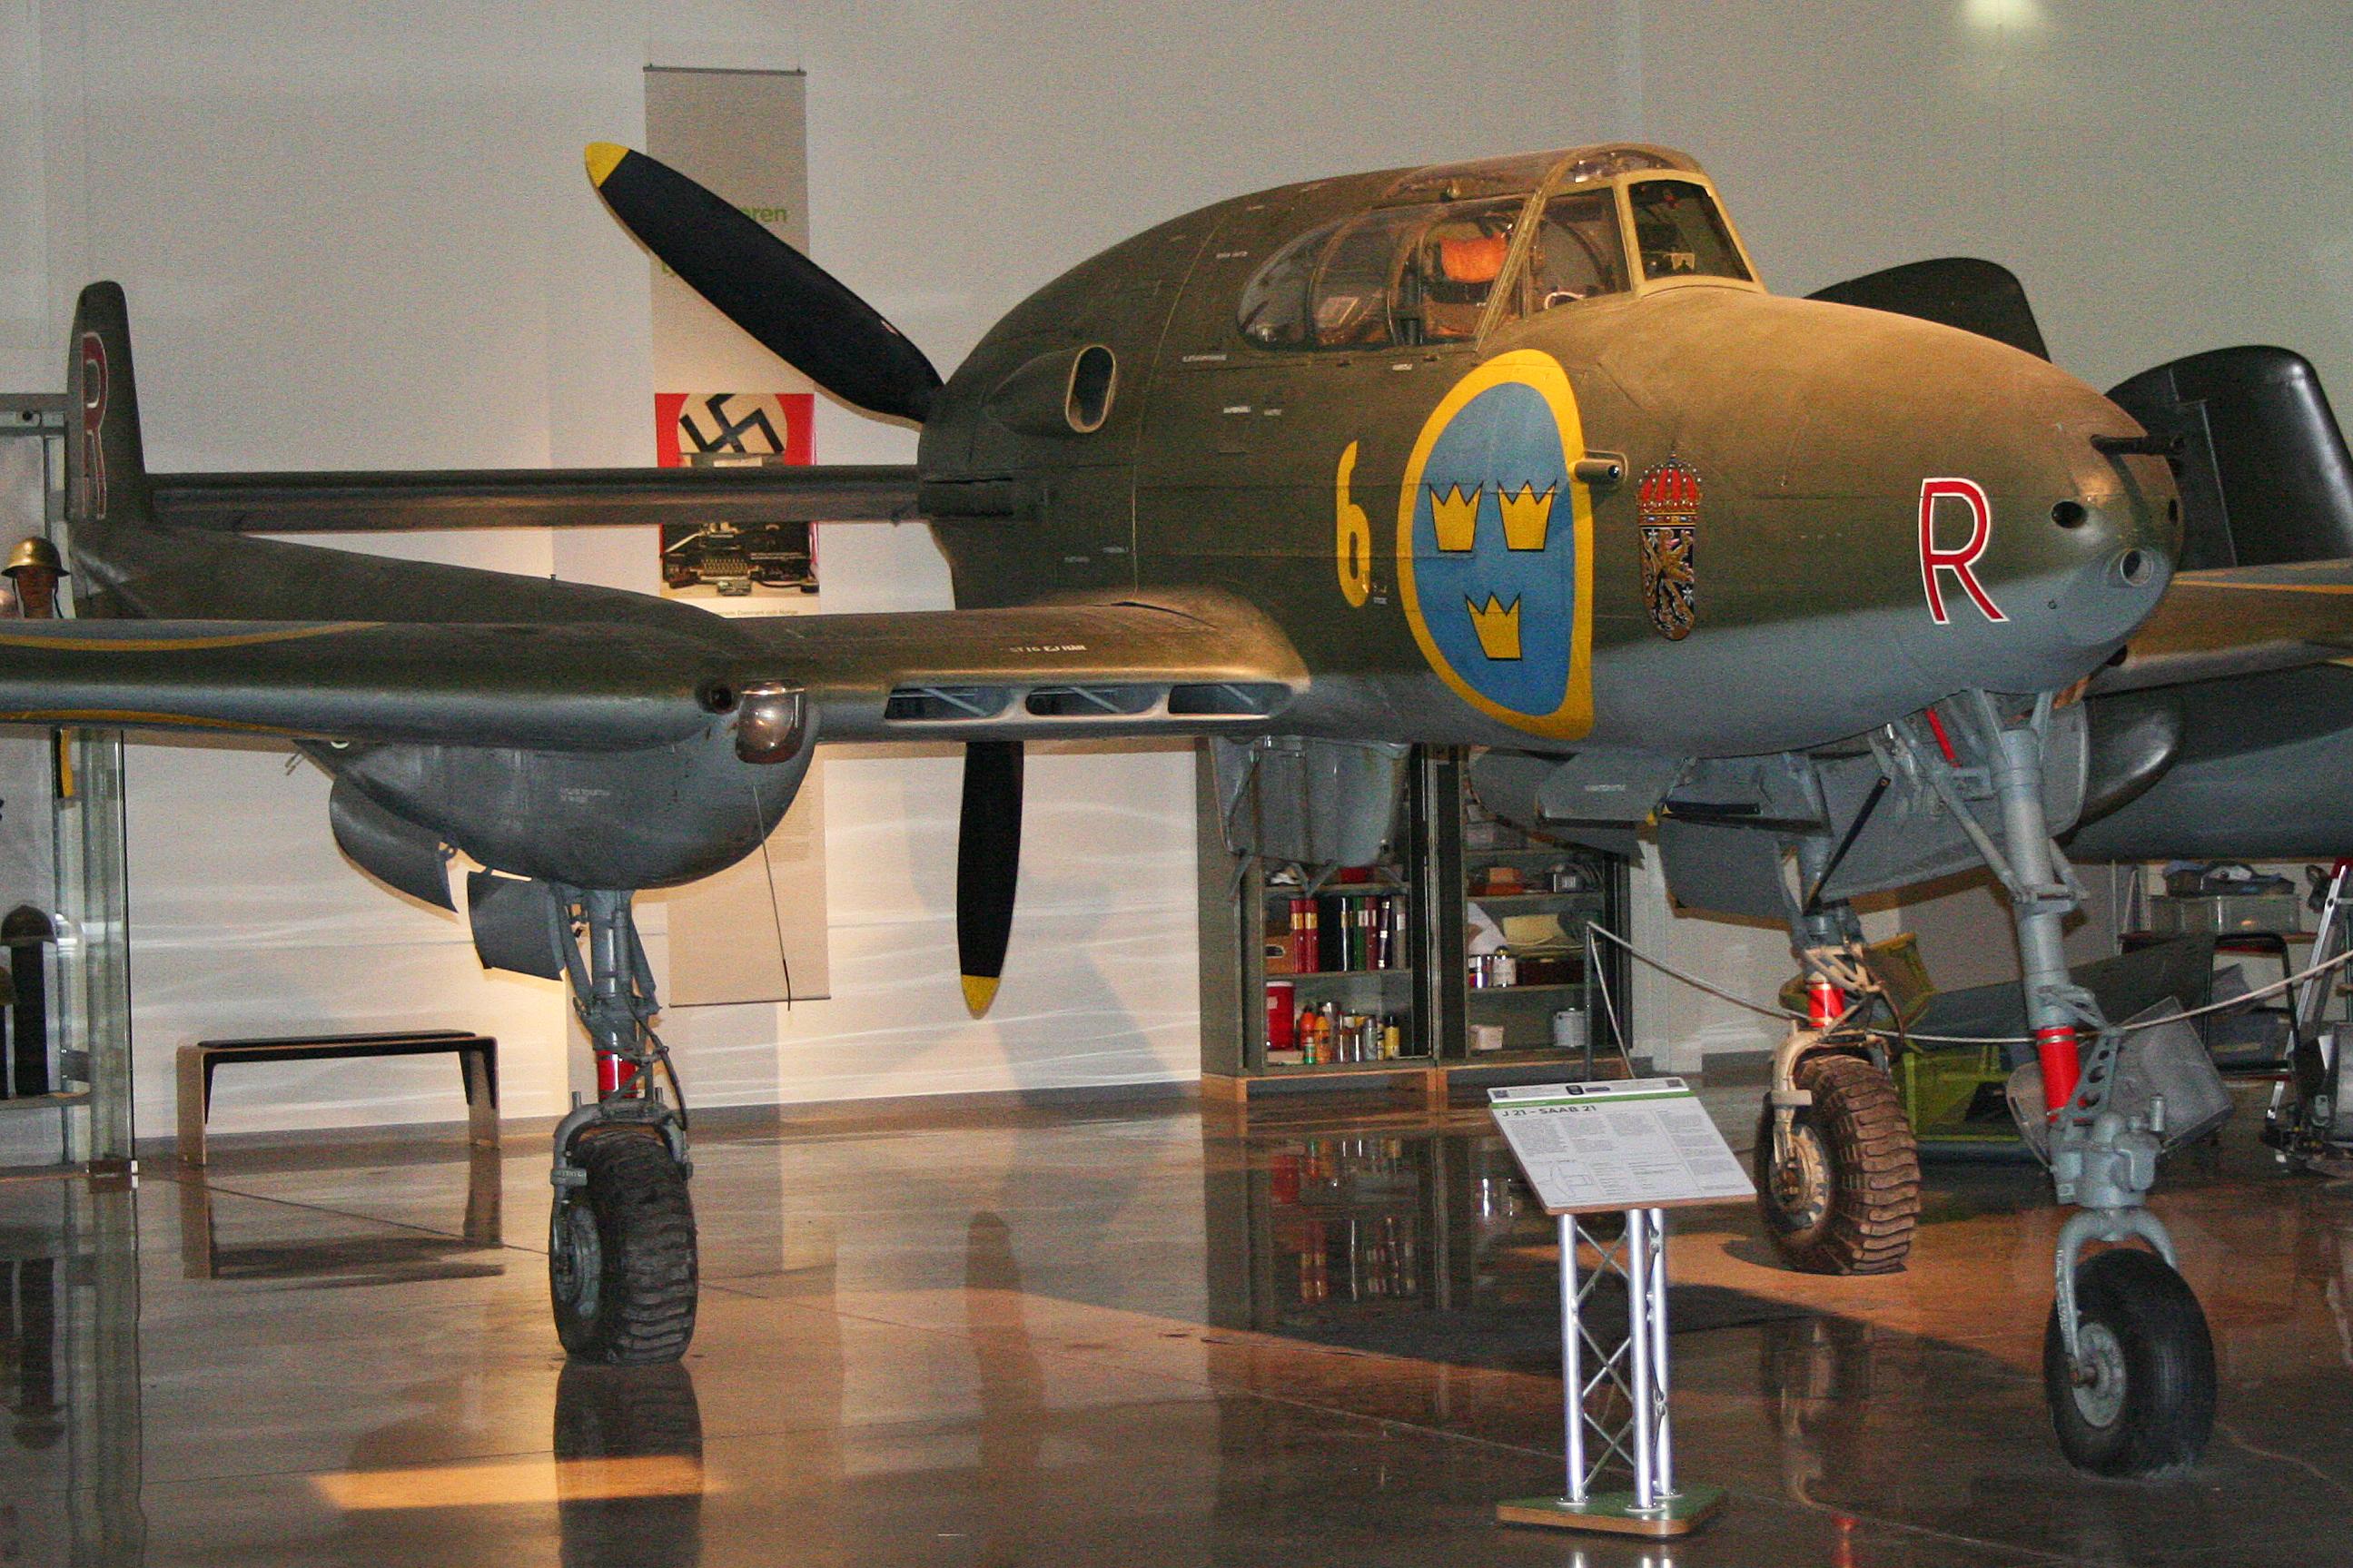 J 21 File:Saab A-21A...